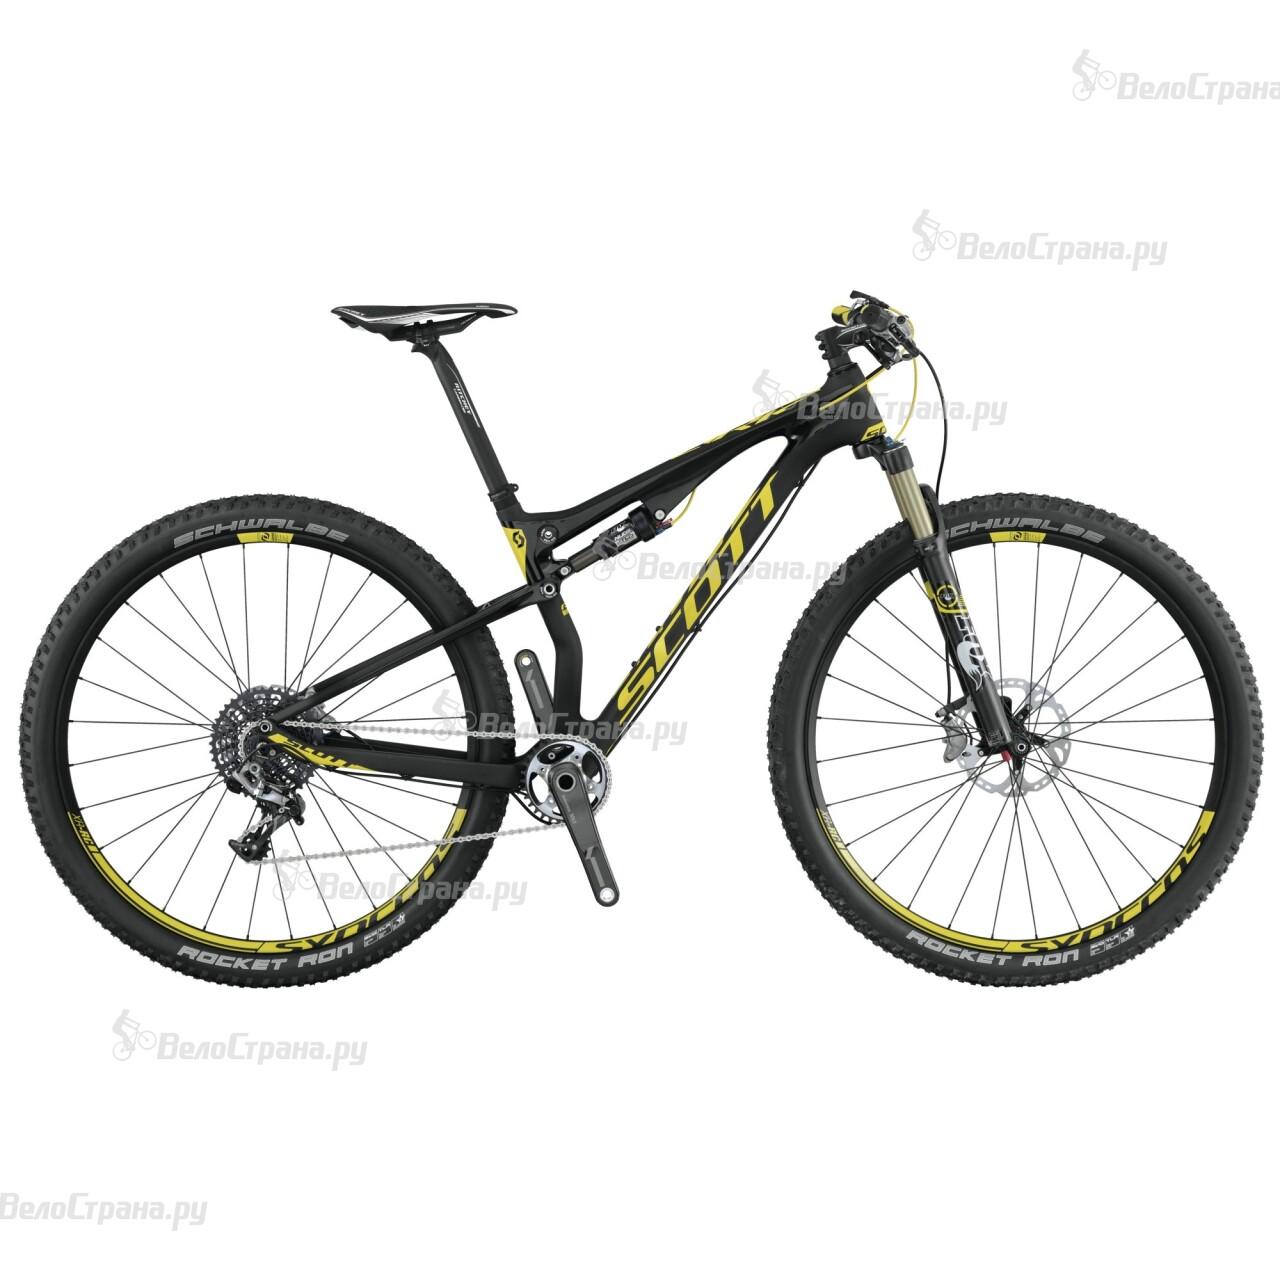 Велосипед Scott Spark 900 RC (2015) велосипед scott spark 700 rc 2015